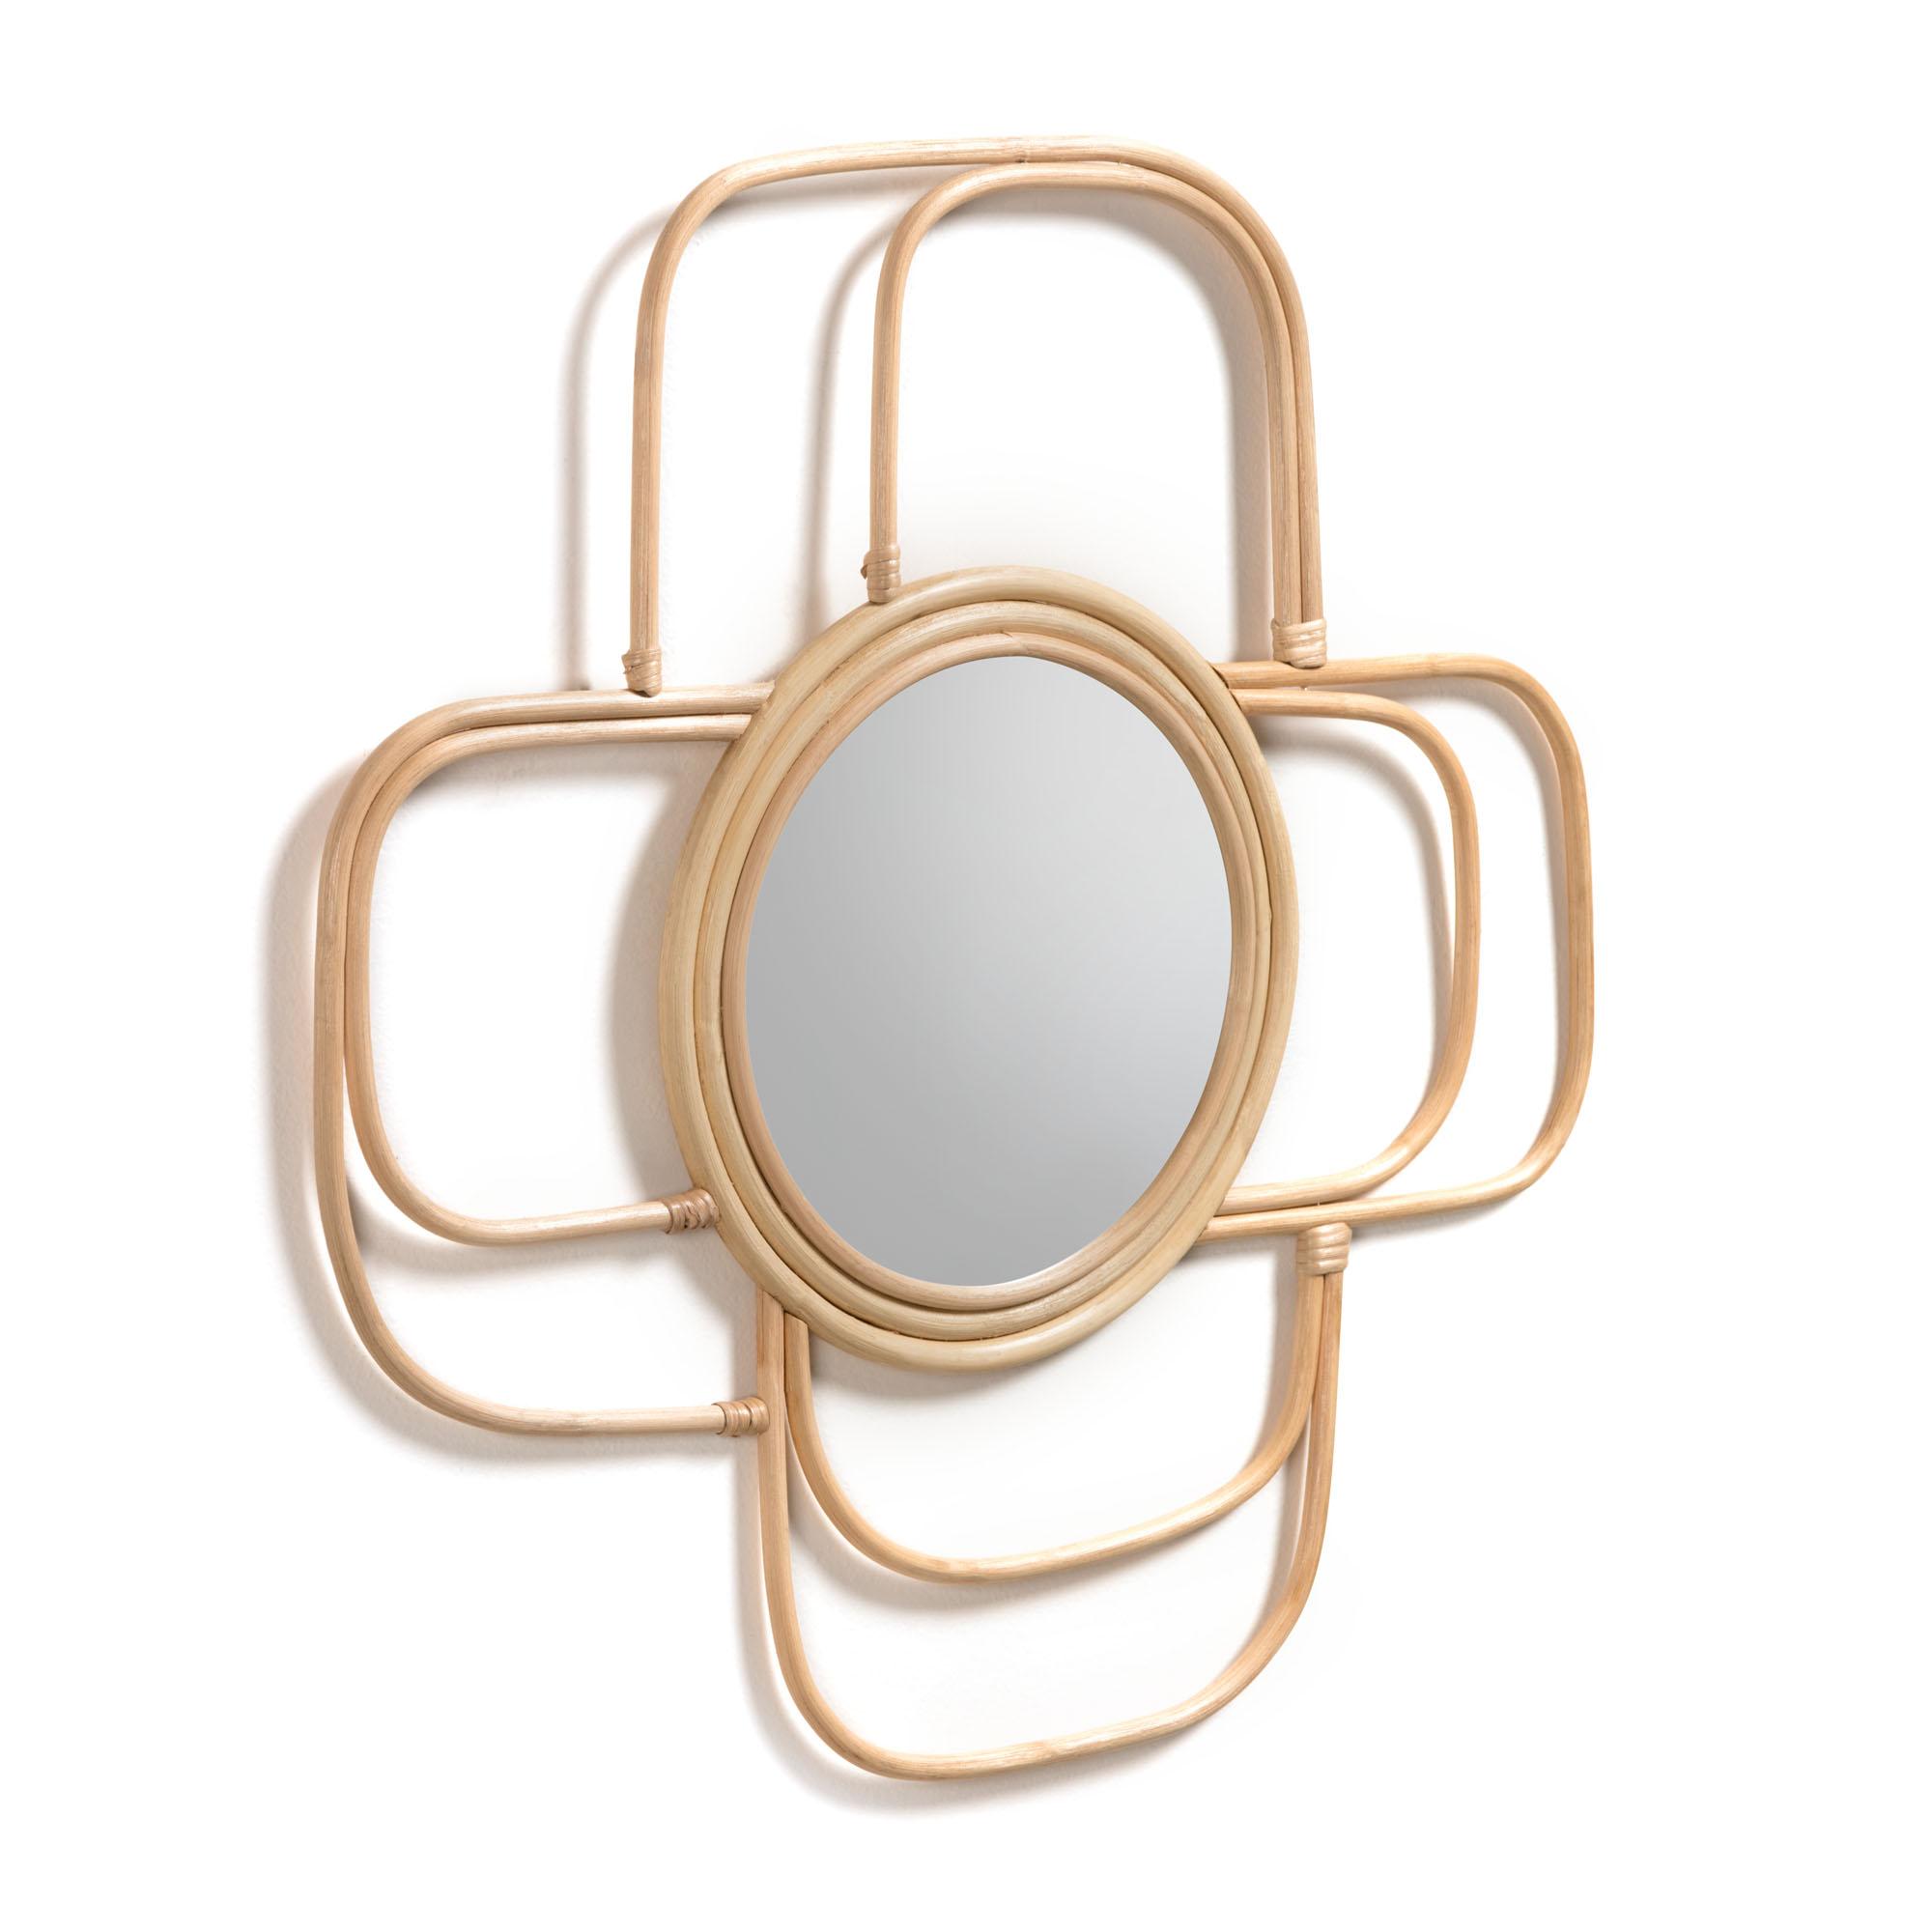 Зеркало maeve (la forma) бежевый 62x62x2 см.